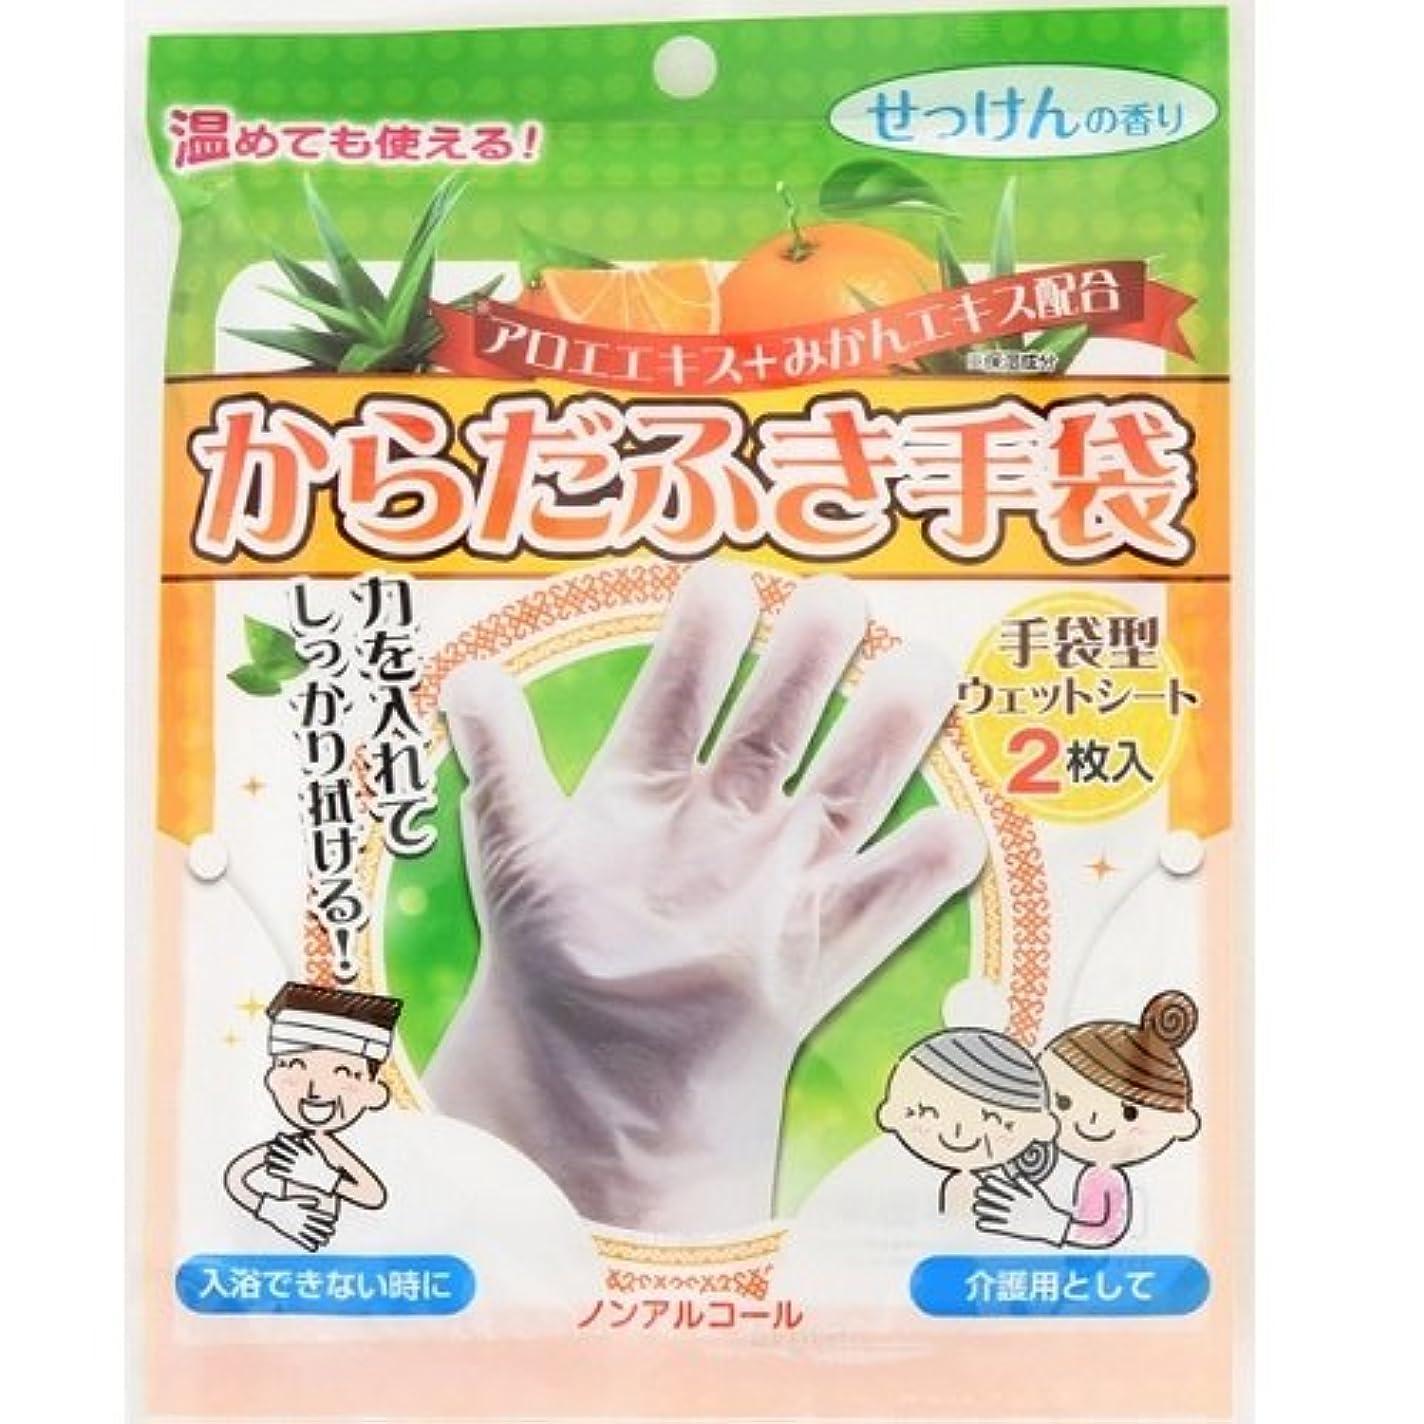 反応する母性けがをするからだふき手袋 せっけんの香り 2枚入